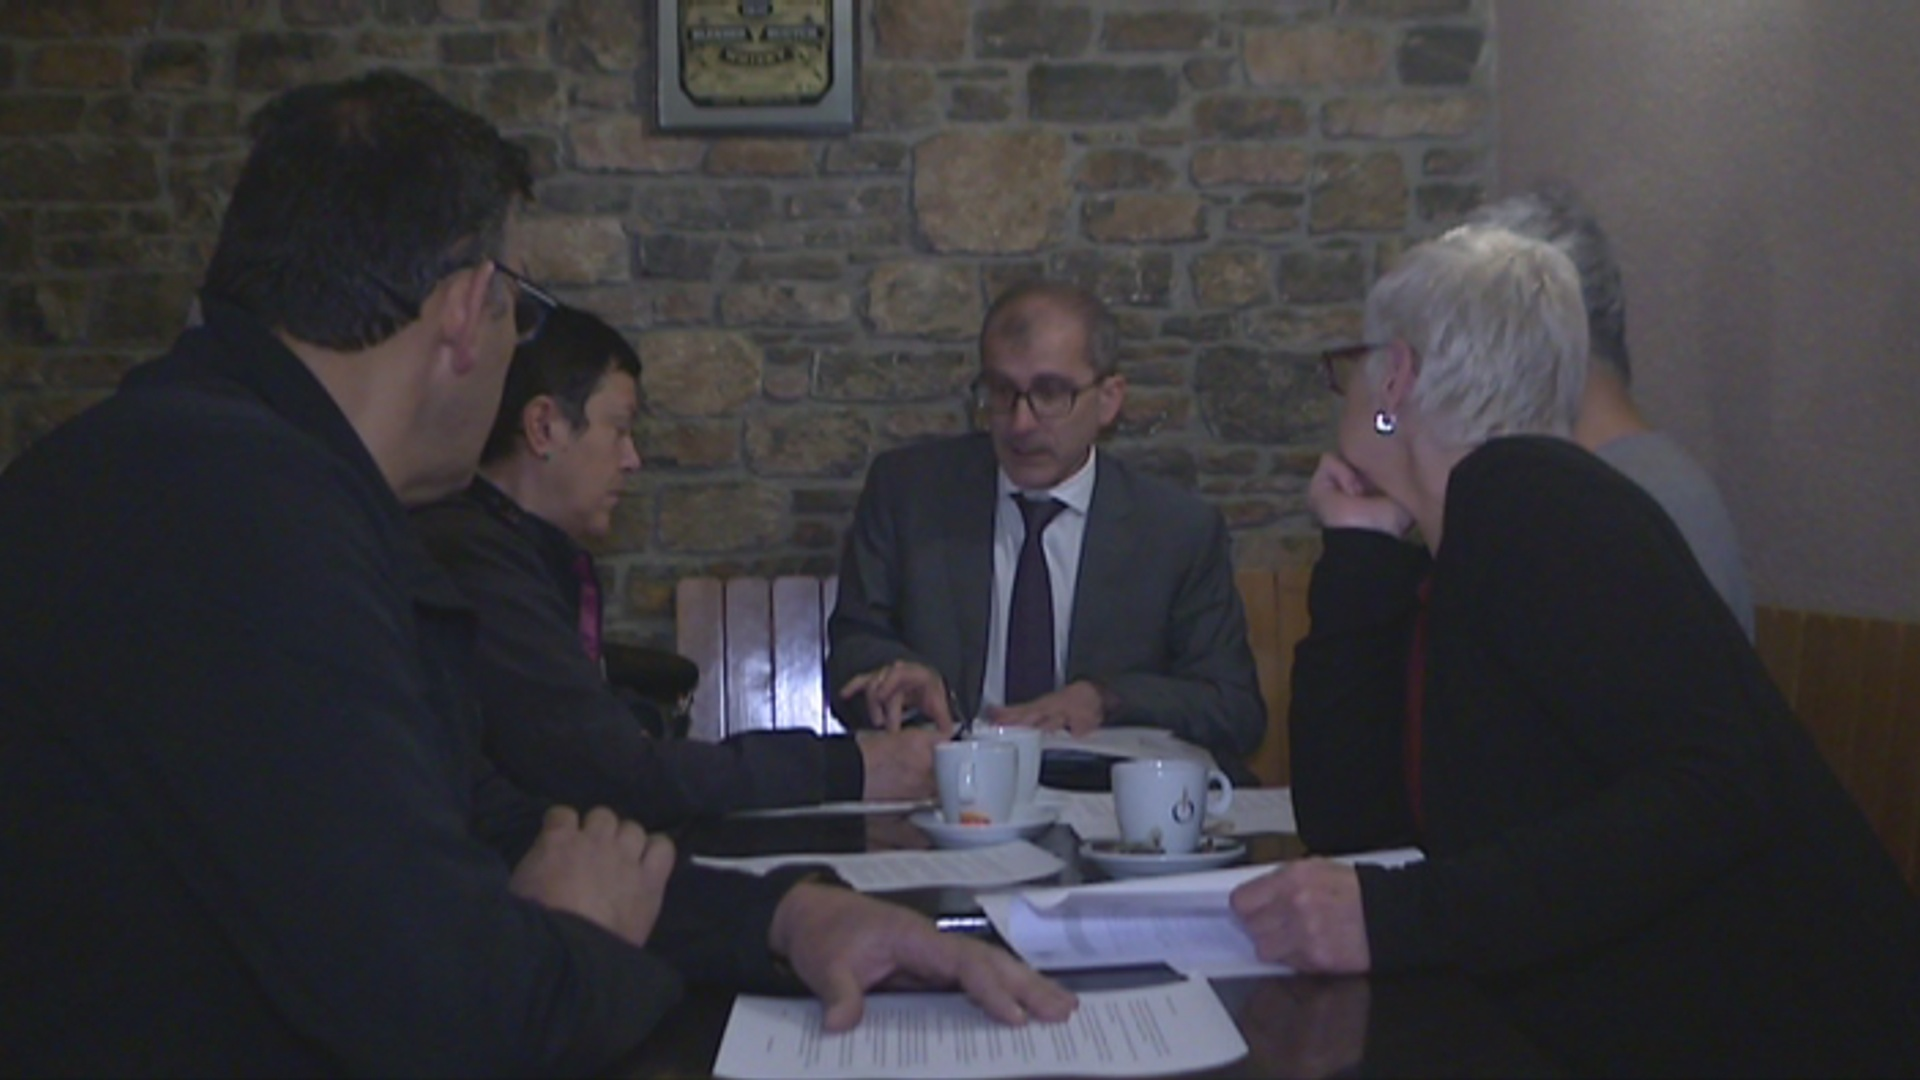 Els opositors a  l'ETR de l'Aldosa decidiran dijous si recorren contra la infraestructura